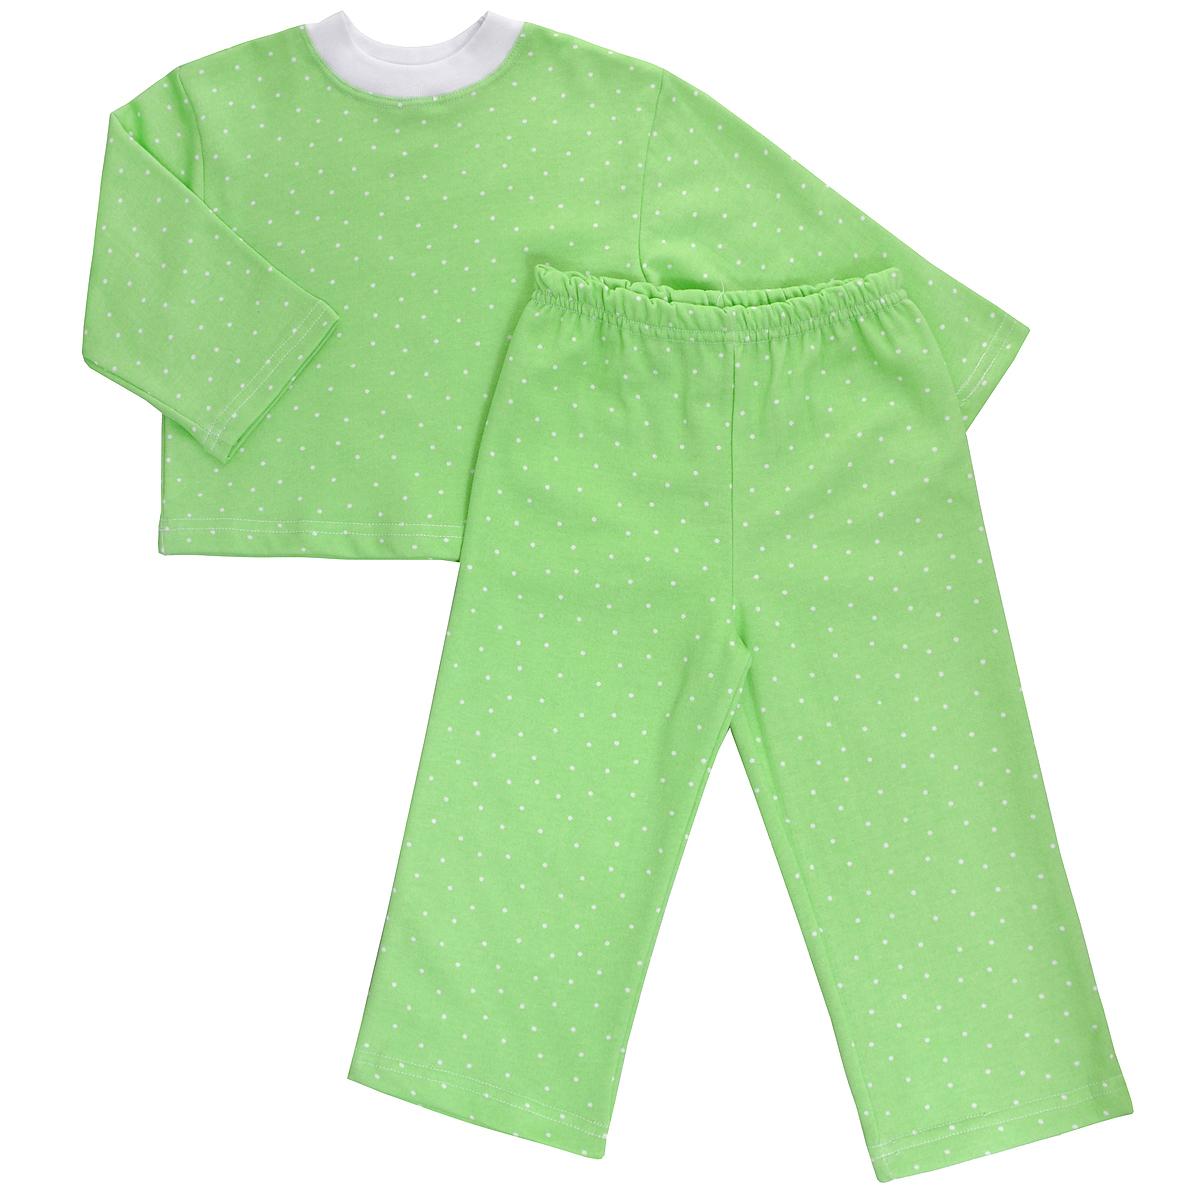 Пижама детская Трон-плюс, цвет: салатовый, белый, рисунок горох. 5553. Размер 86/92, 2-3 года